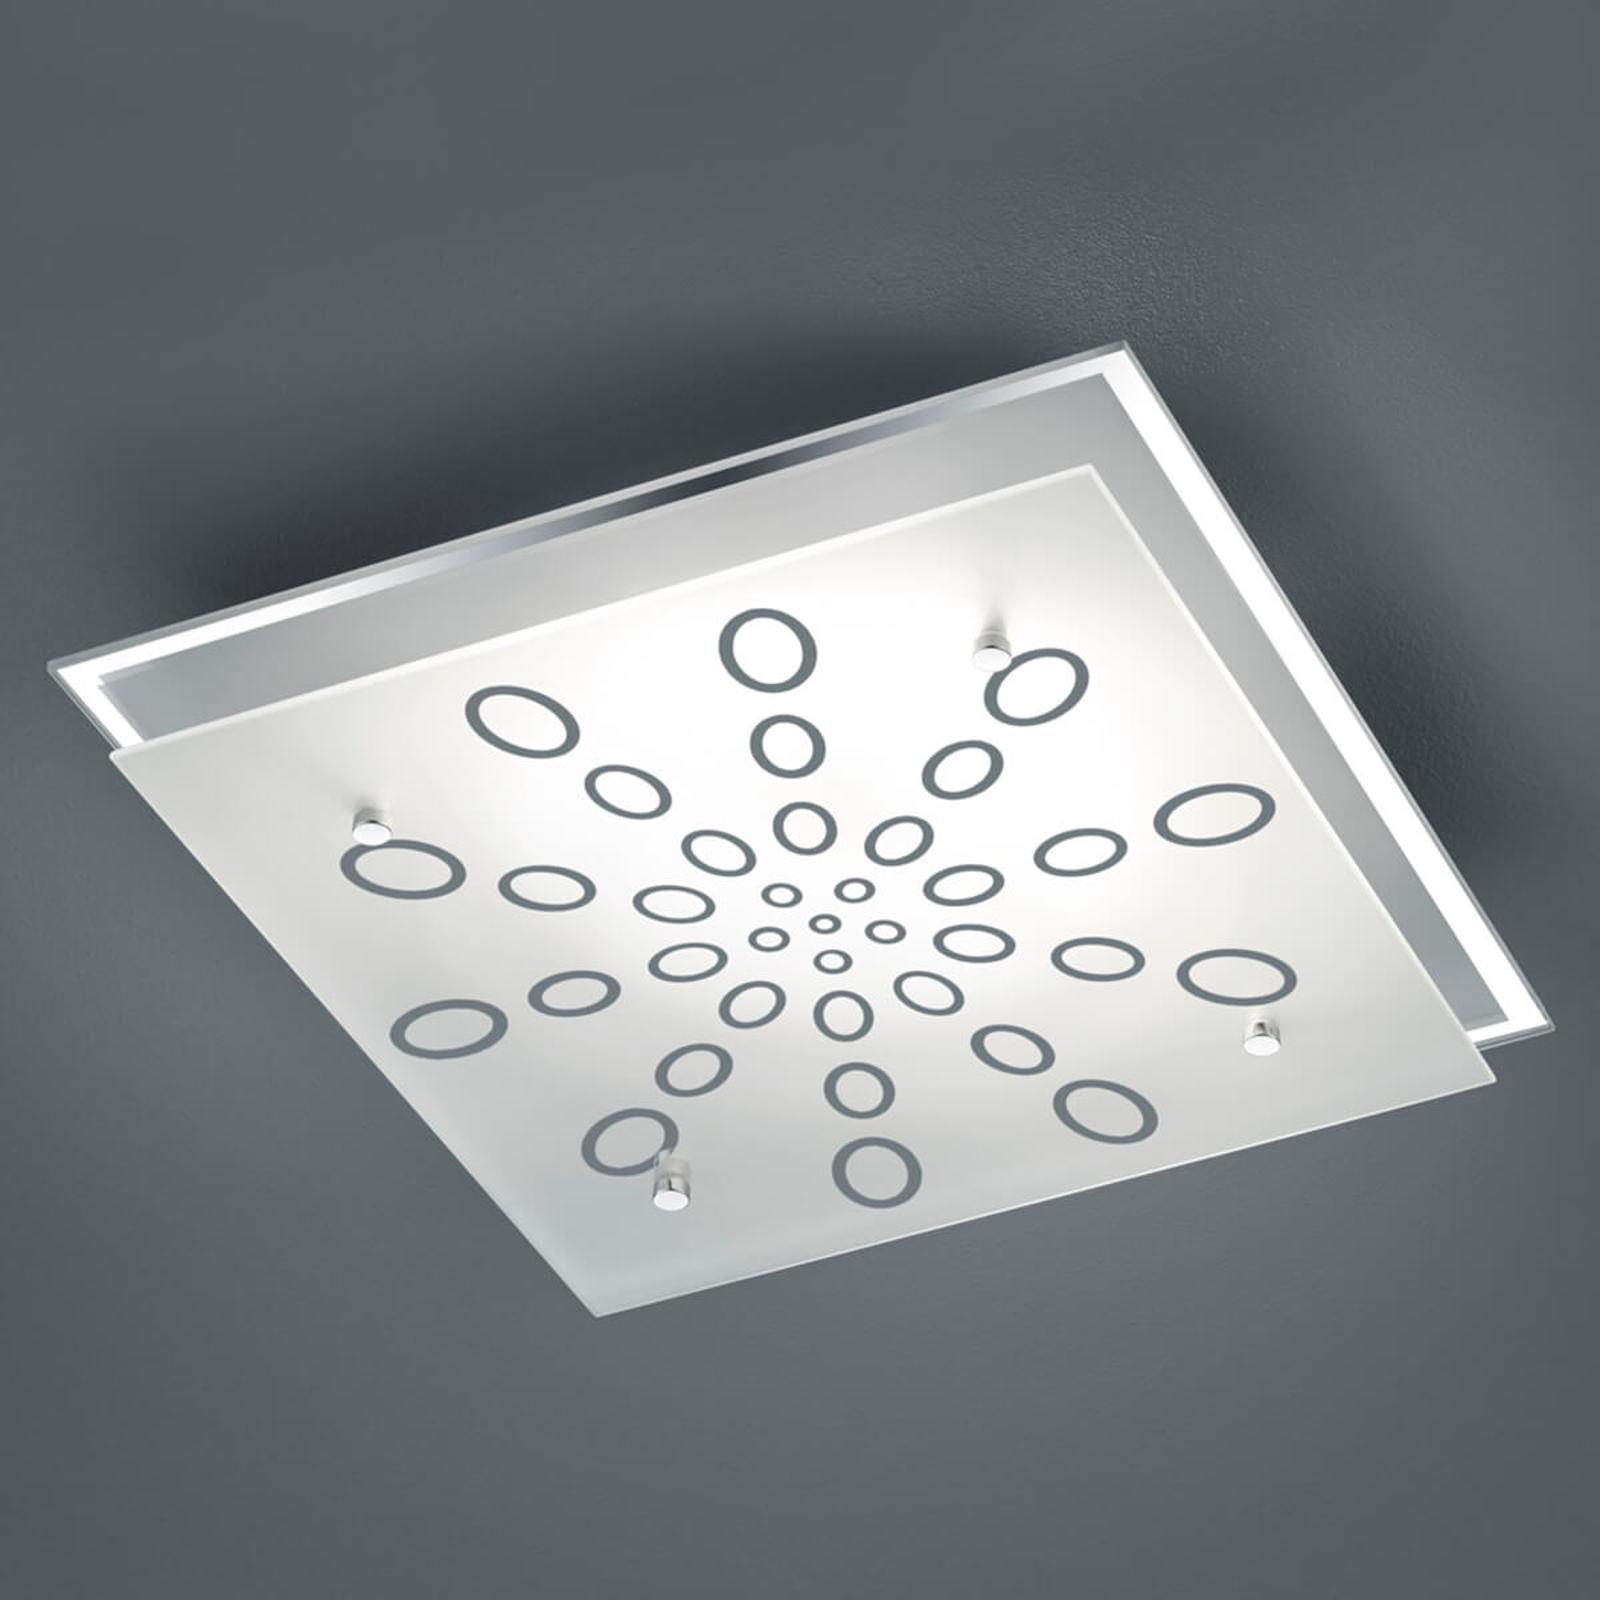 LED-taklampe Dukat, dimbar med veggbryter